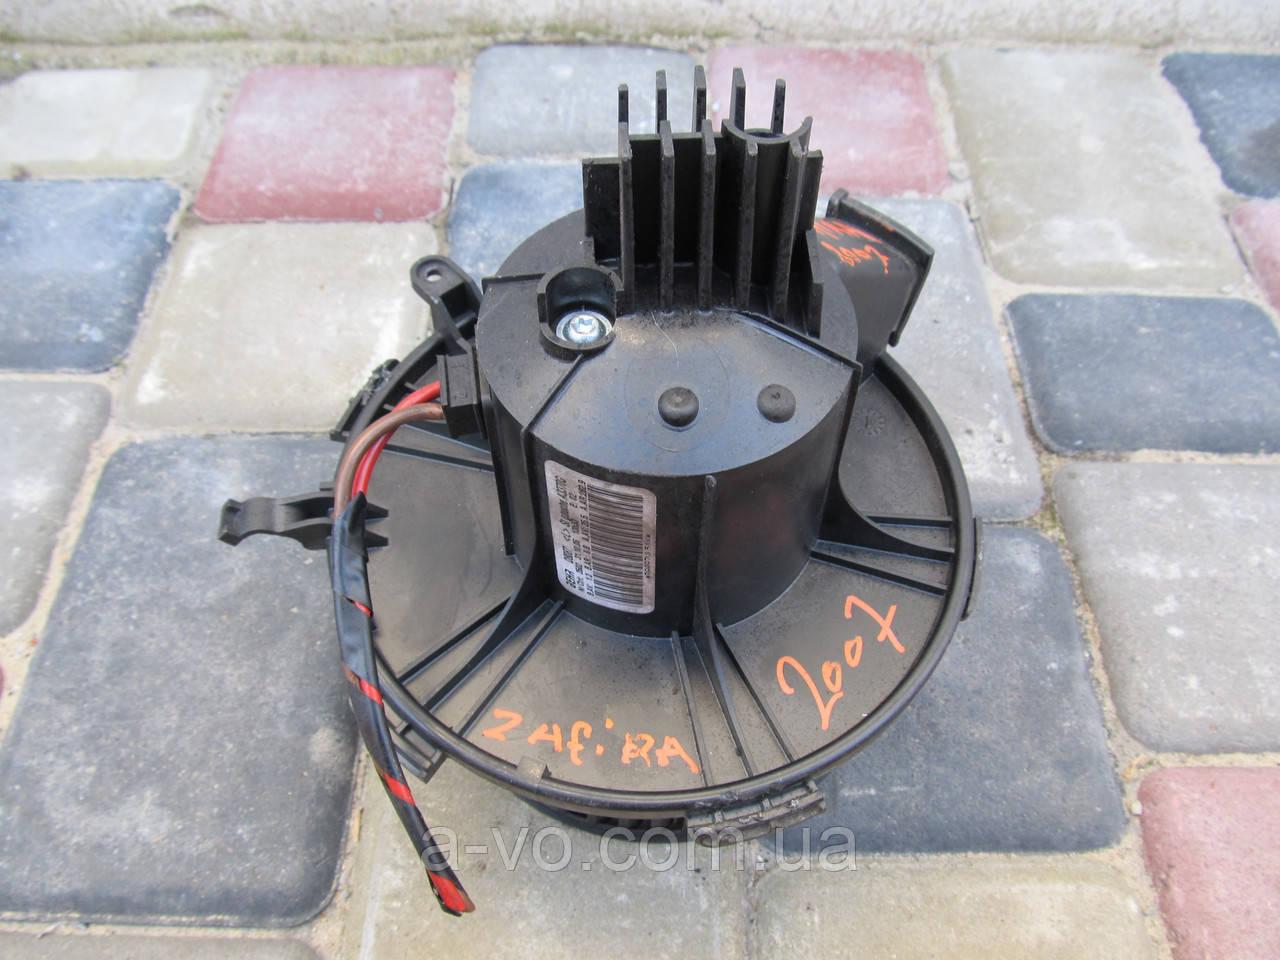 Вентилятор моторчик печки для Opel Zafira B, D8087, A3370G